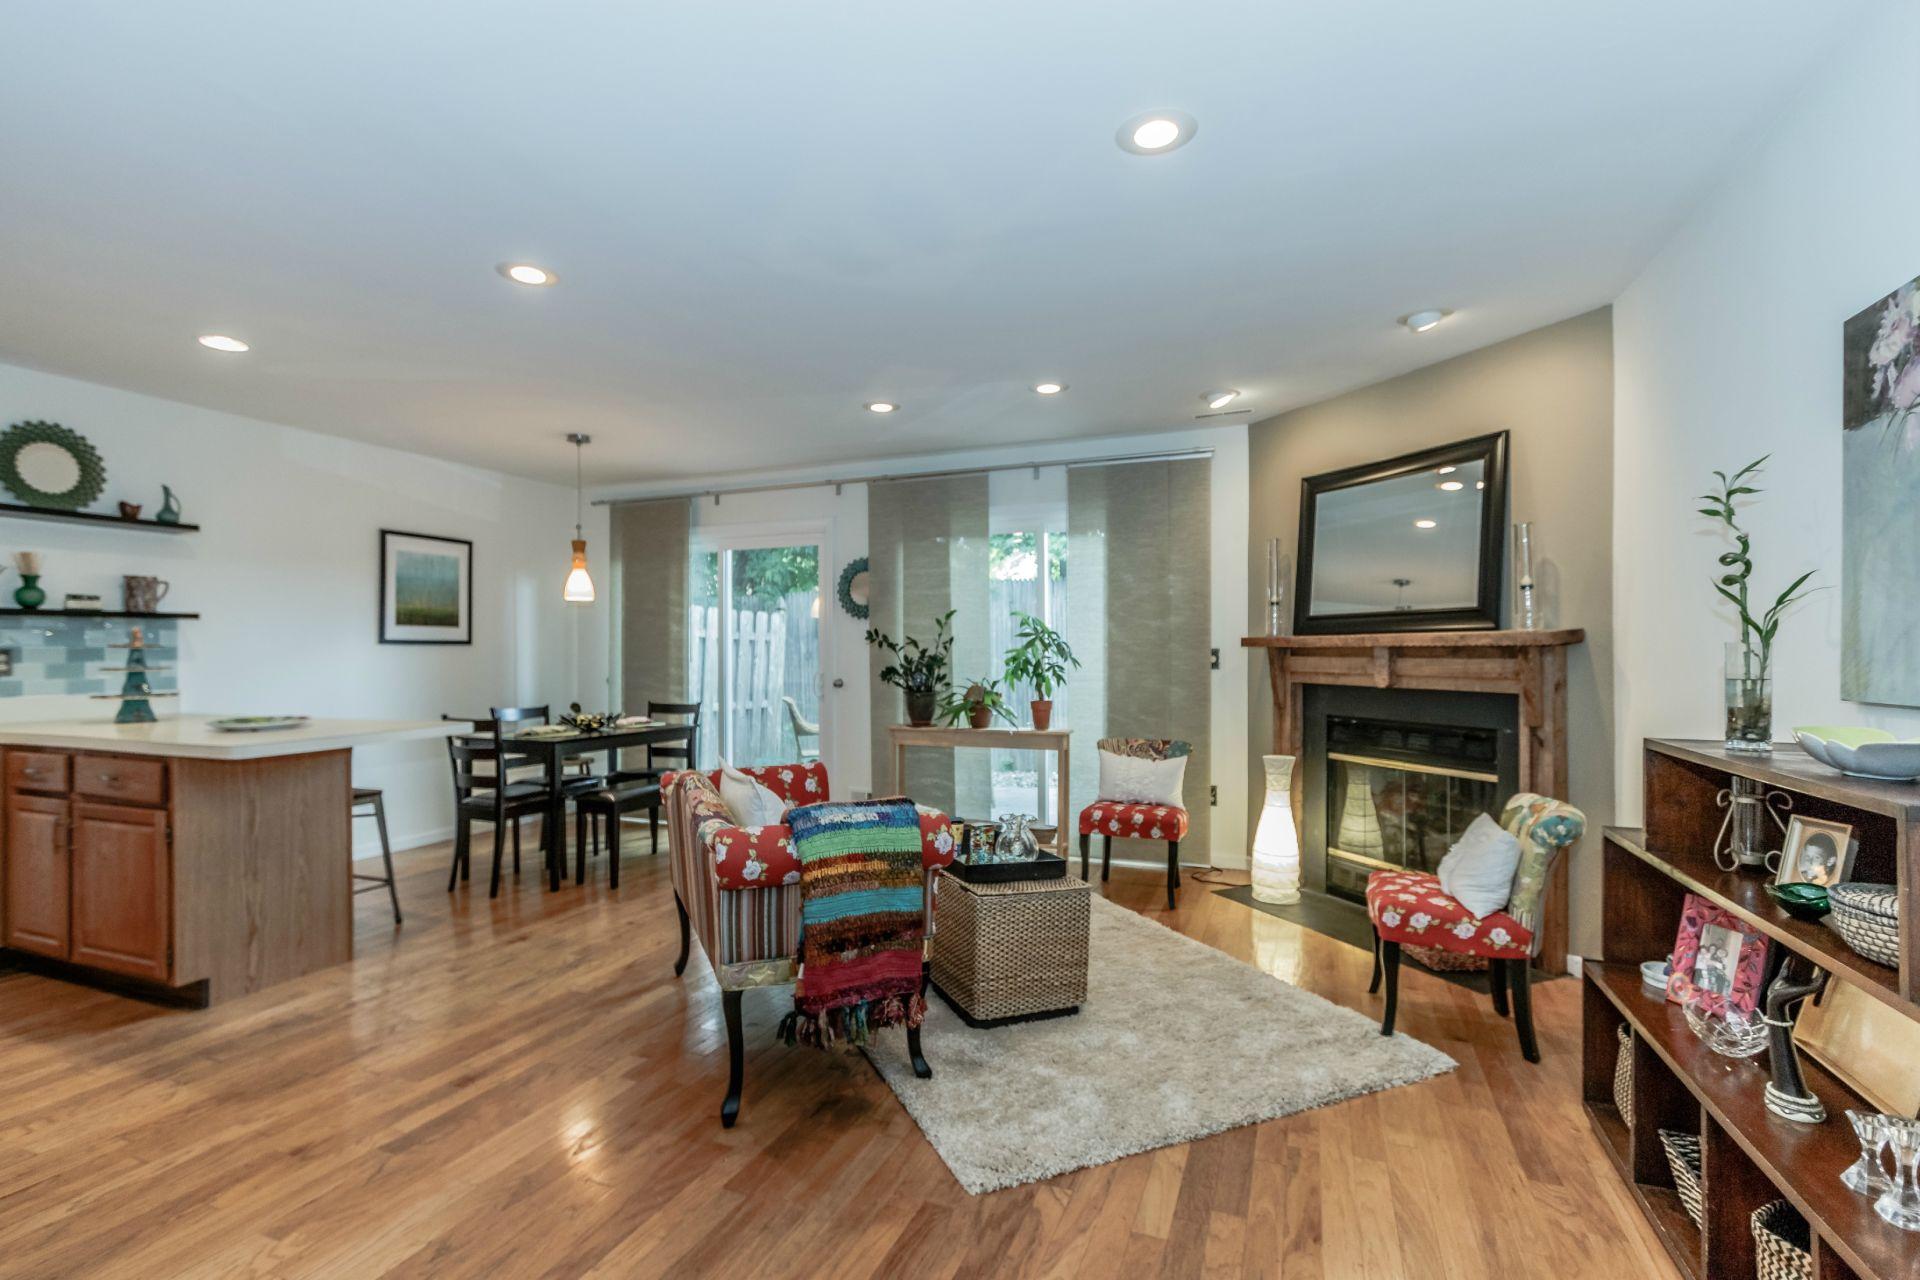 Sold 2219 North Ave Unit 2 Scotch Plains NJ 07076